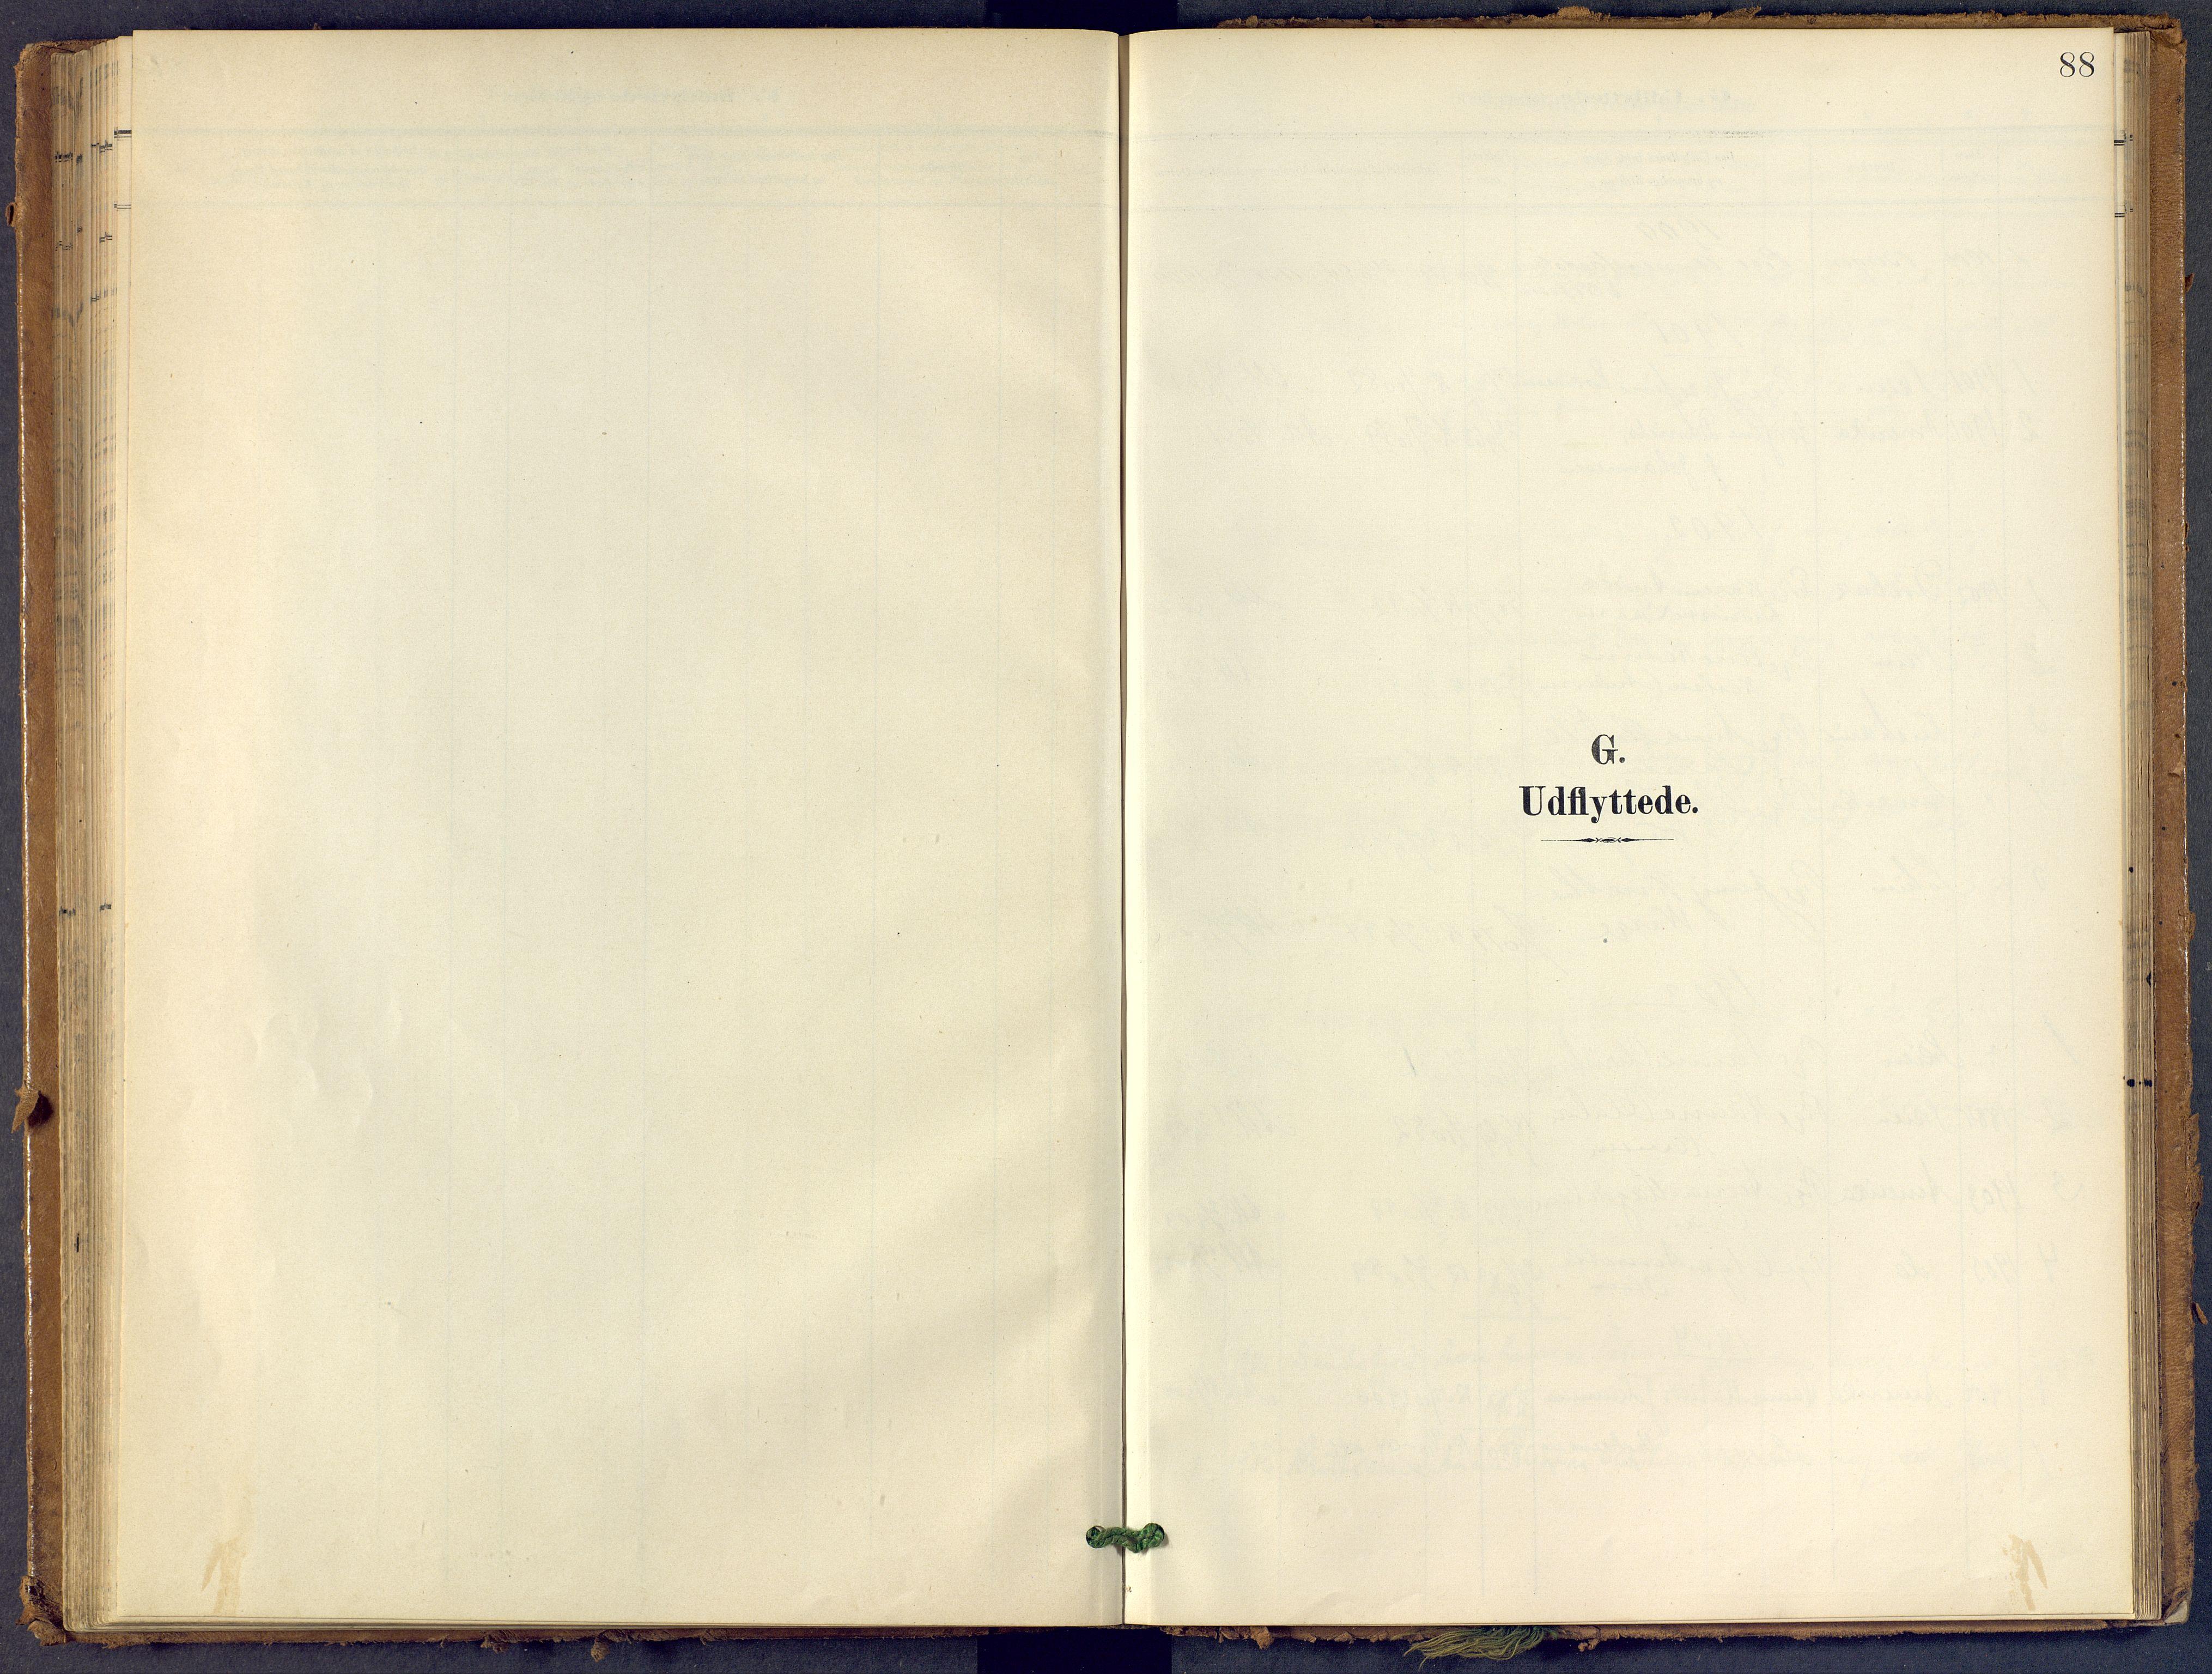 SAKO, Bamble kirkebøker, F/Fb/L0002: Ministerialbok nr. II 2, 1900-1921, s. 88